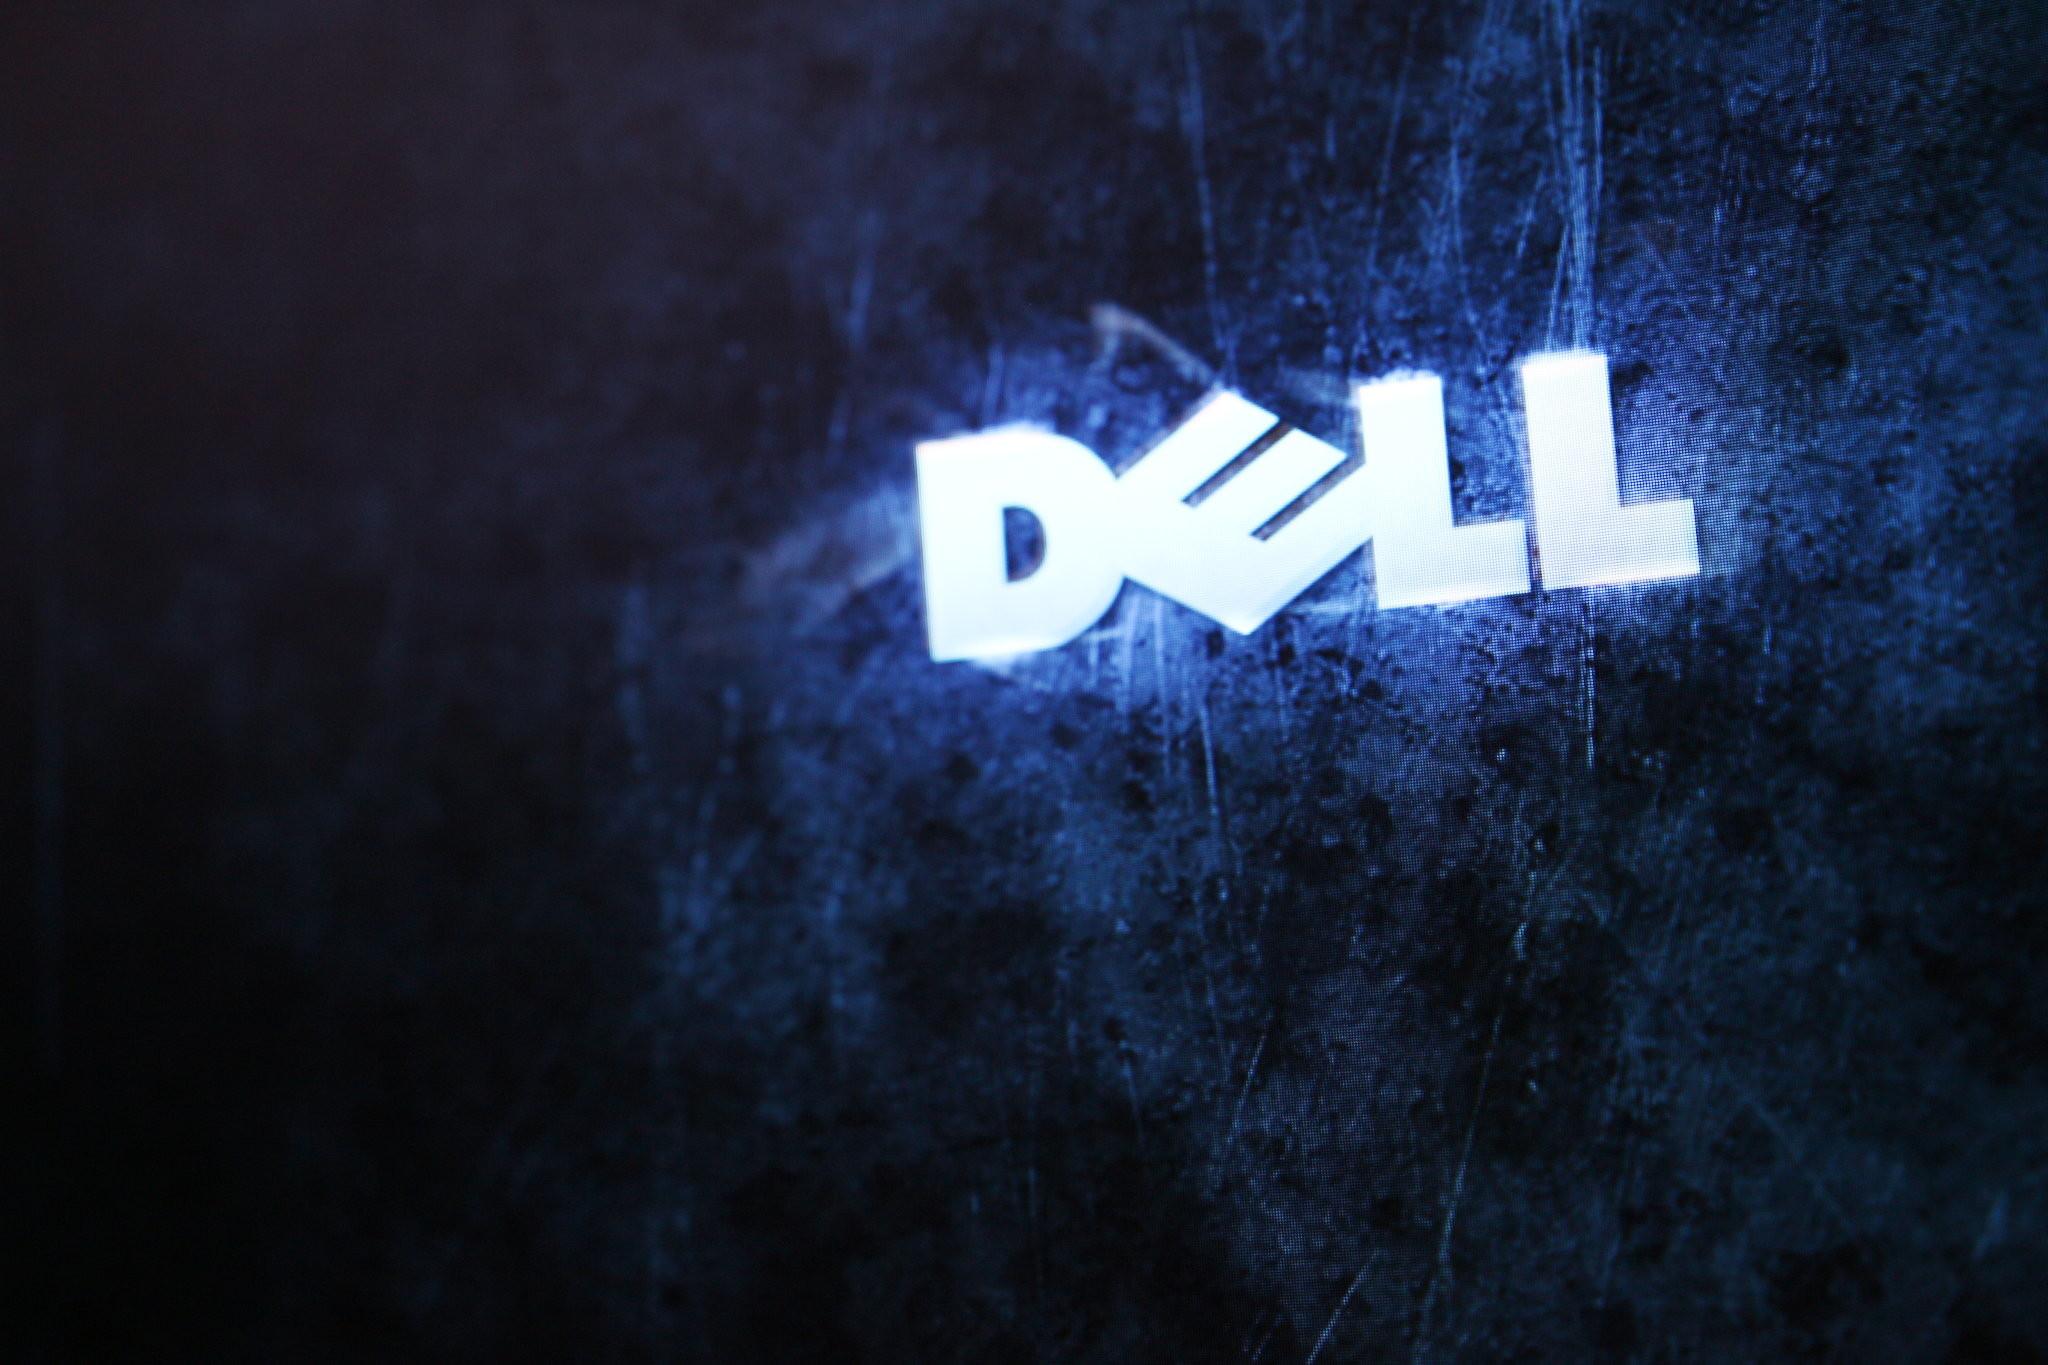 <b>Hd Dell Wallpaper</b>